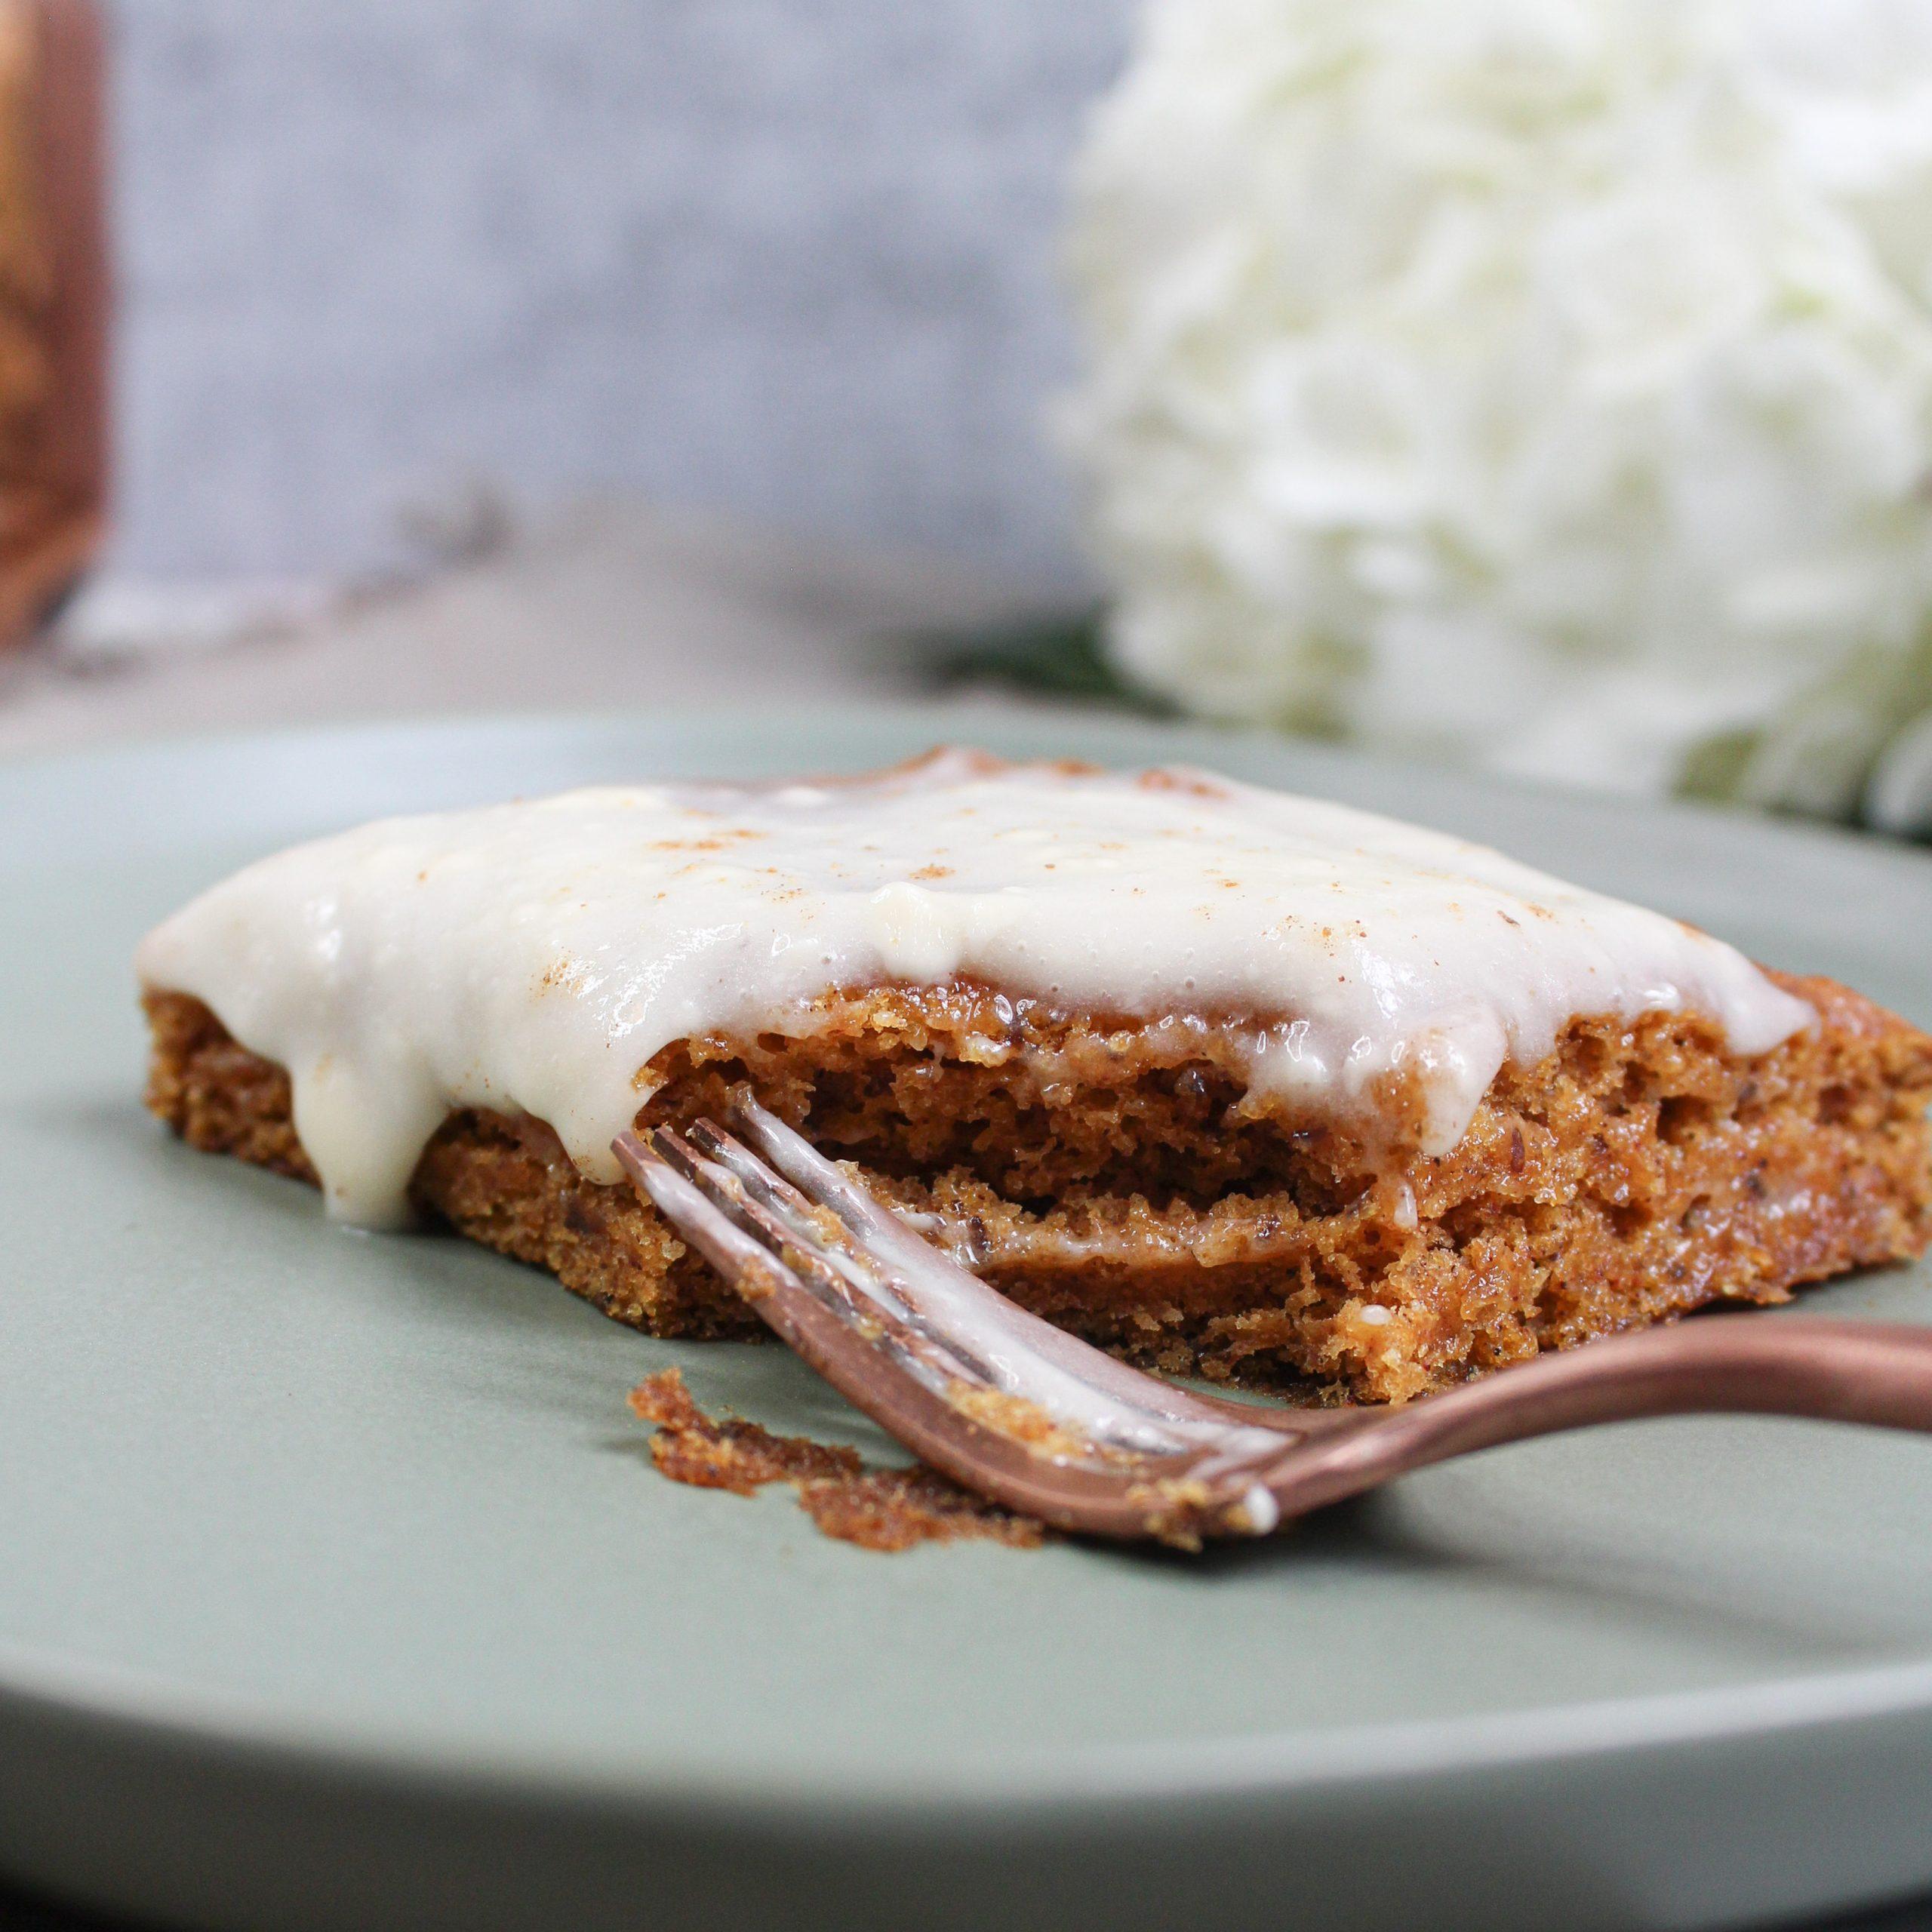 Vegan Fall Dessert Pumpkin Spice Pumpkin Sheet Cake Featured Image